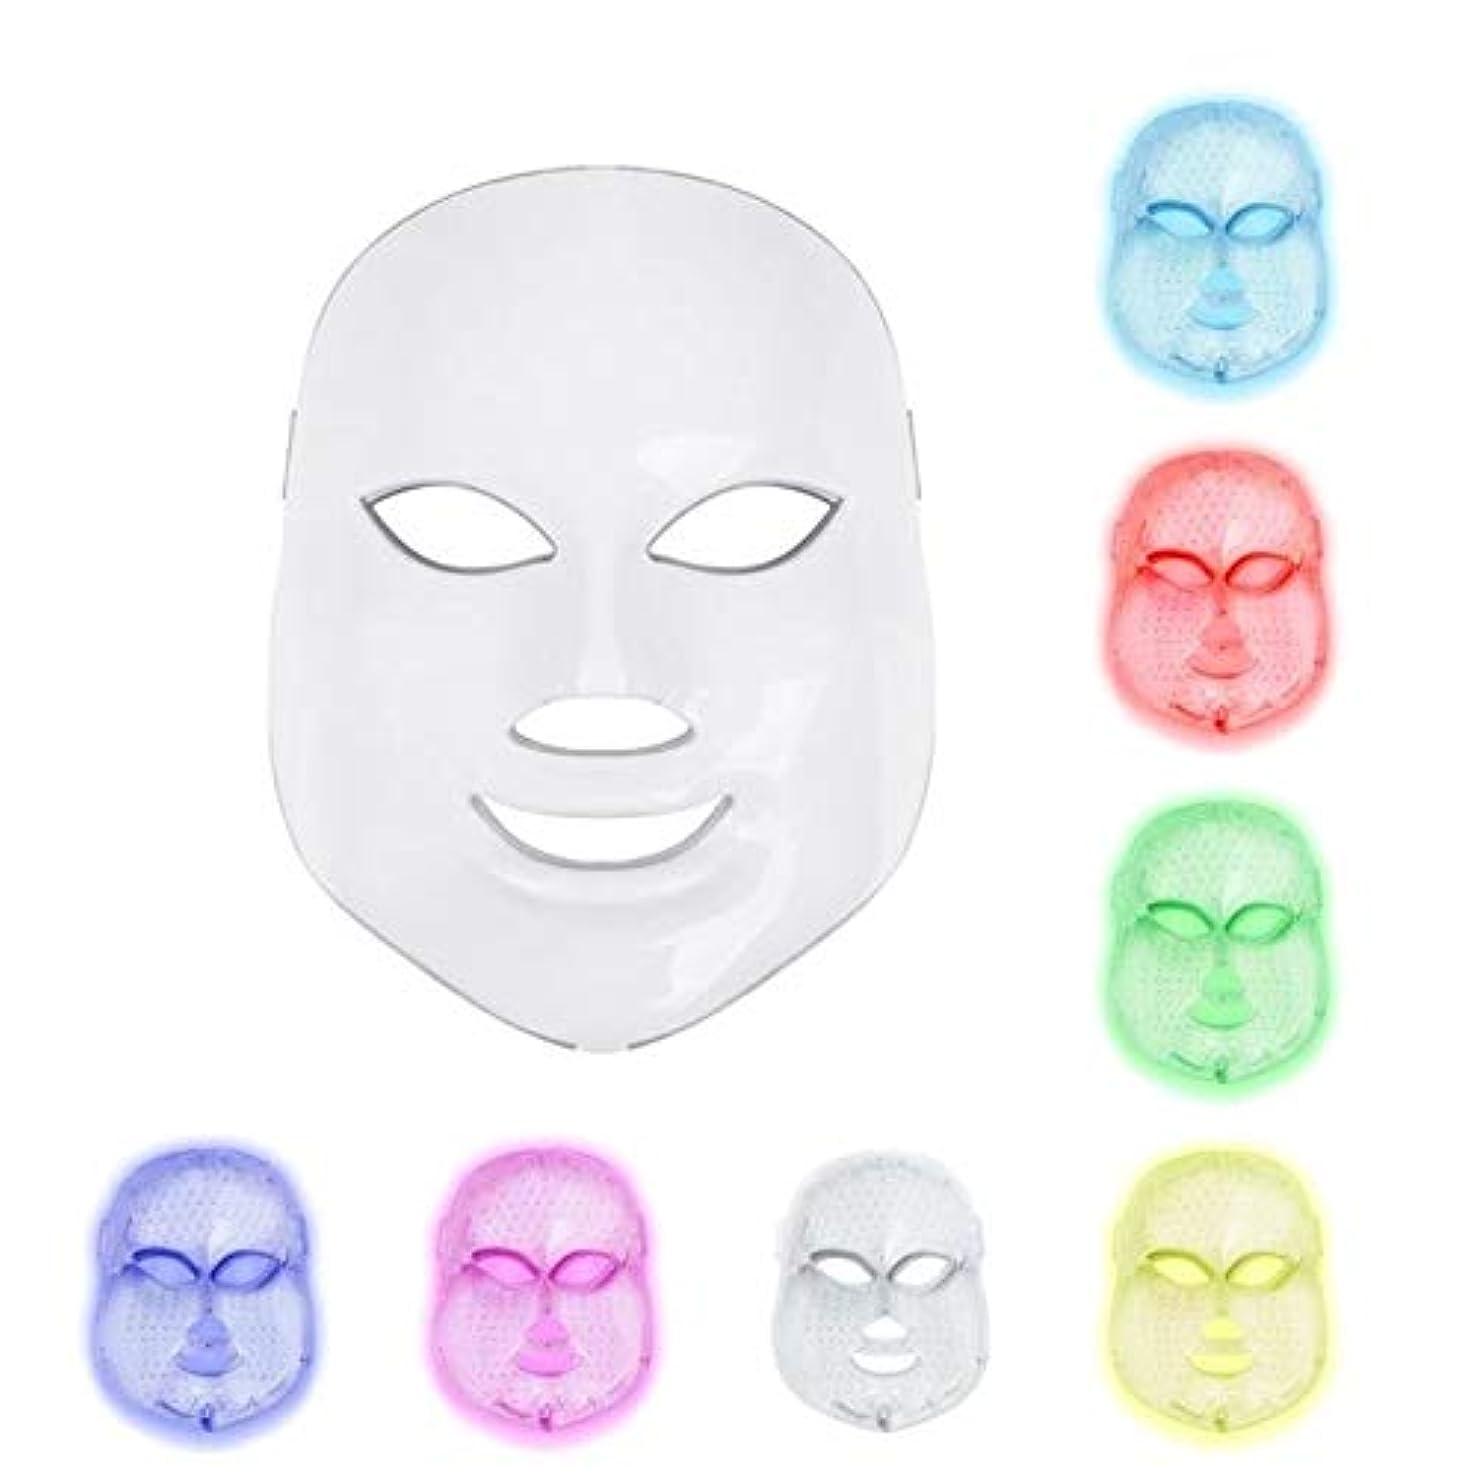 散髪ブロック地下Led光子療法7色光治療肌の若返りにきびスポットしわホワイトニング美顔術デイリースキンケアマスク